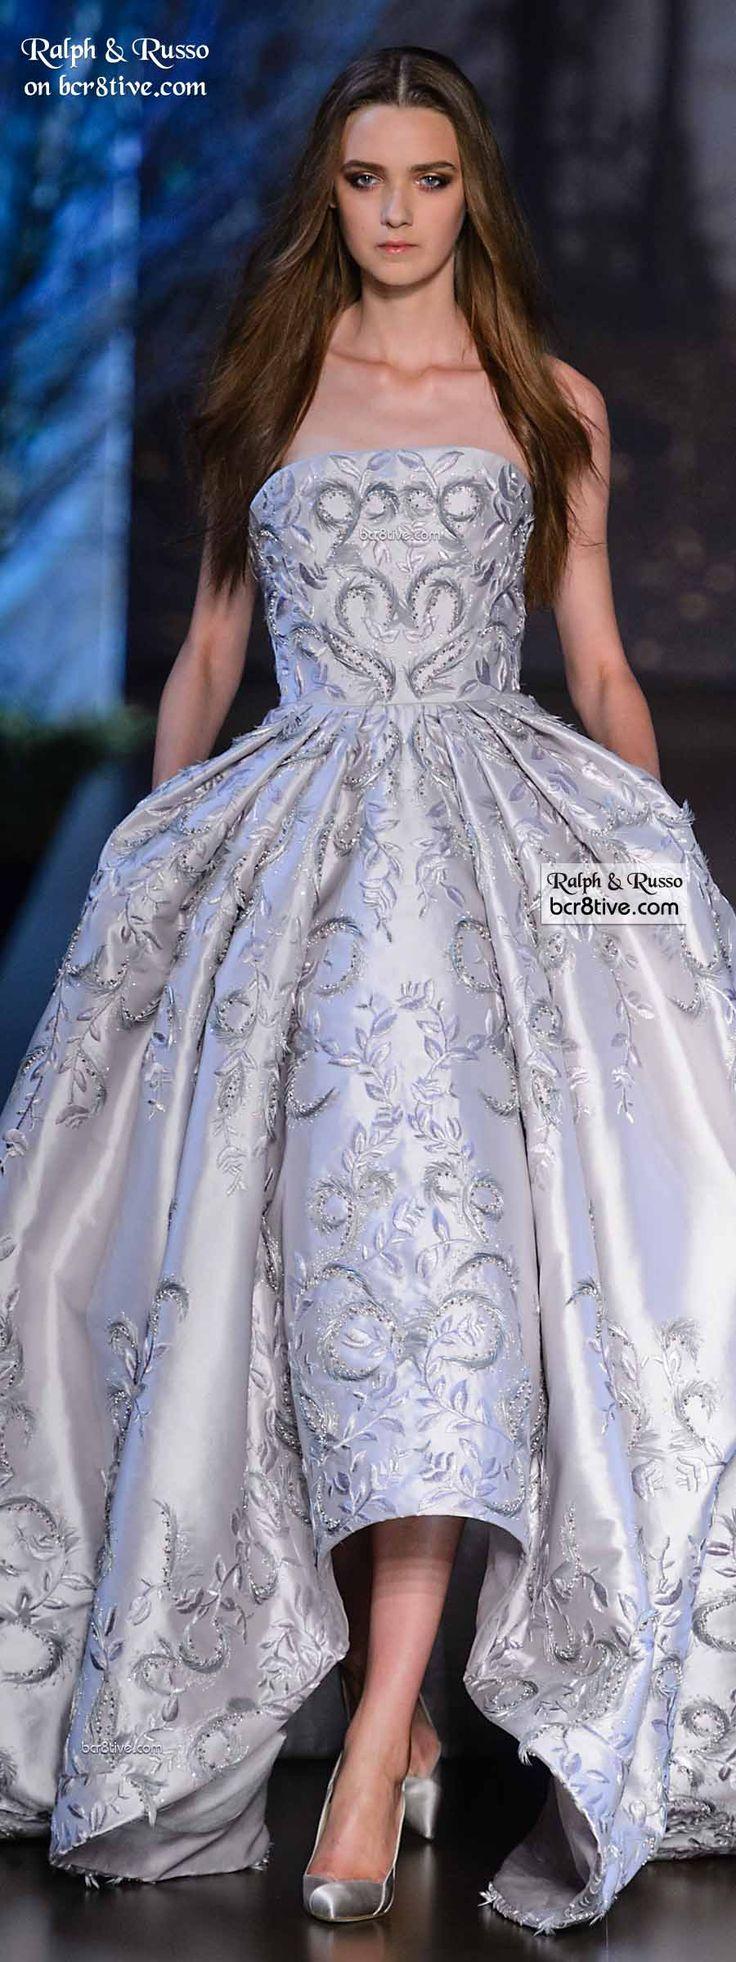 105 besten Ralph & Russo - Haute Couture Bilder auf Pinterest ...